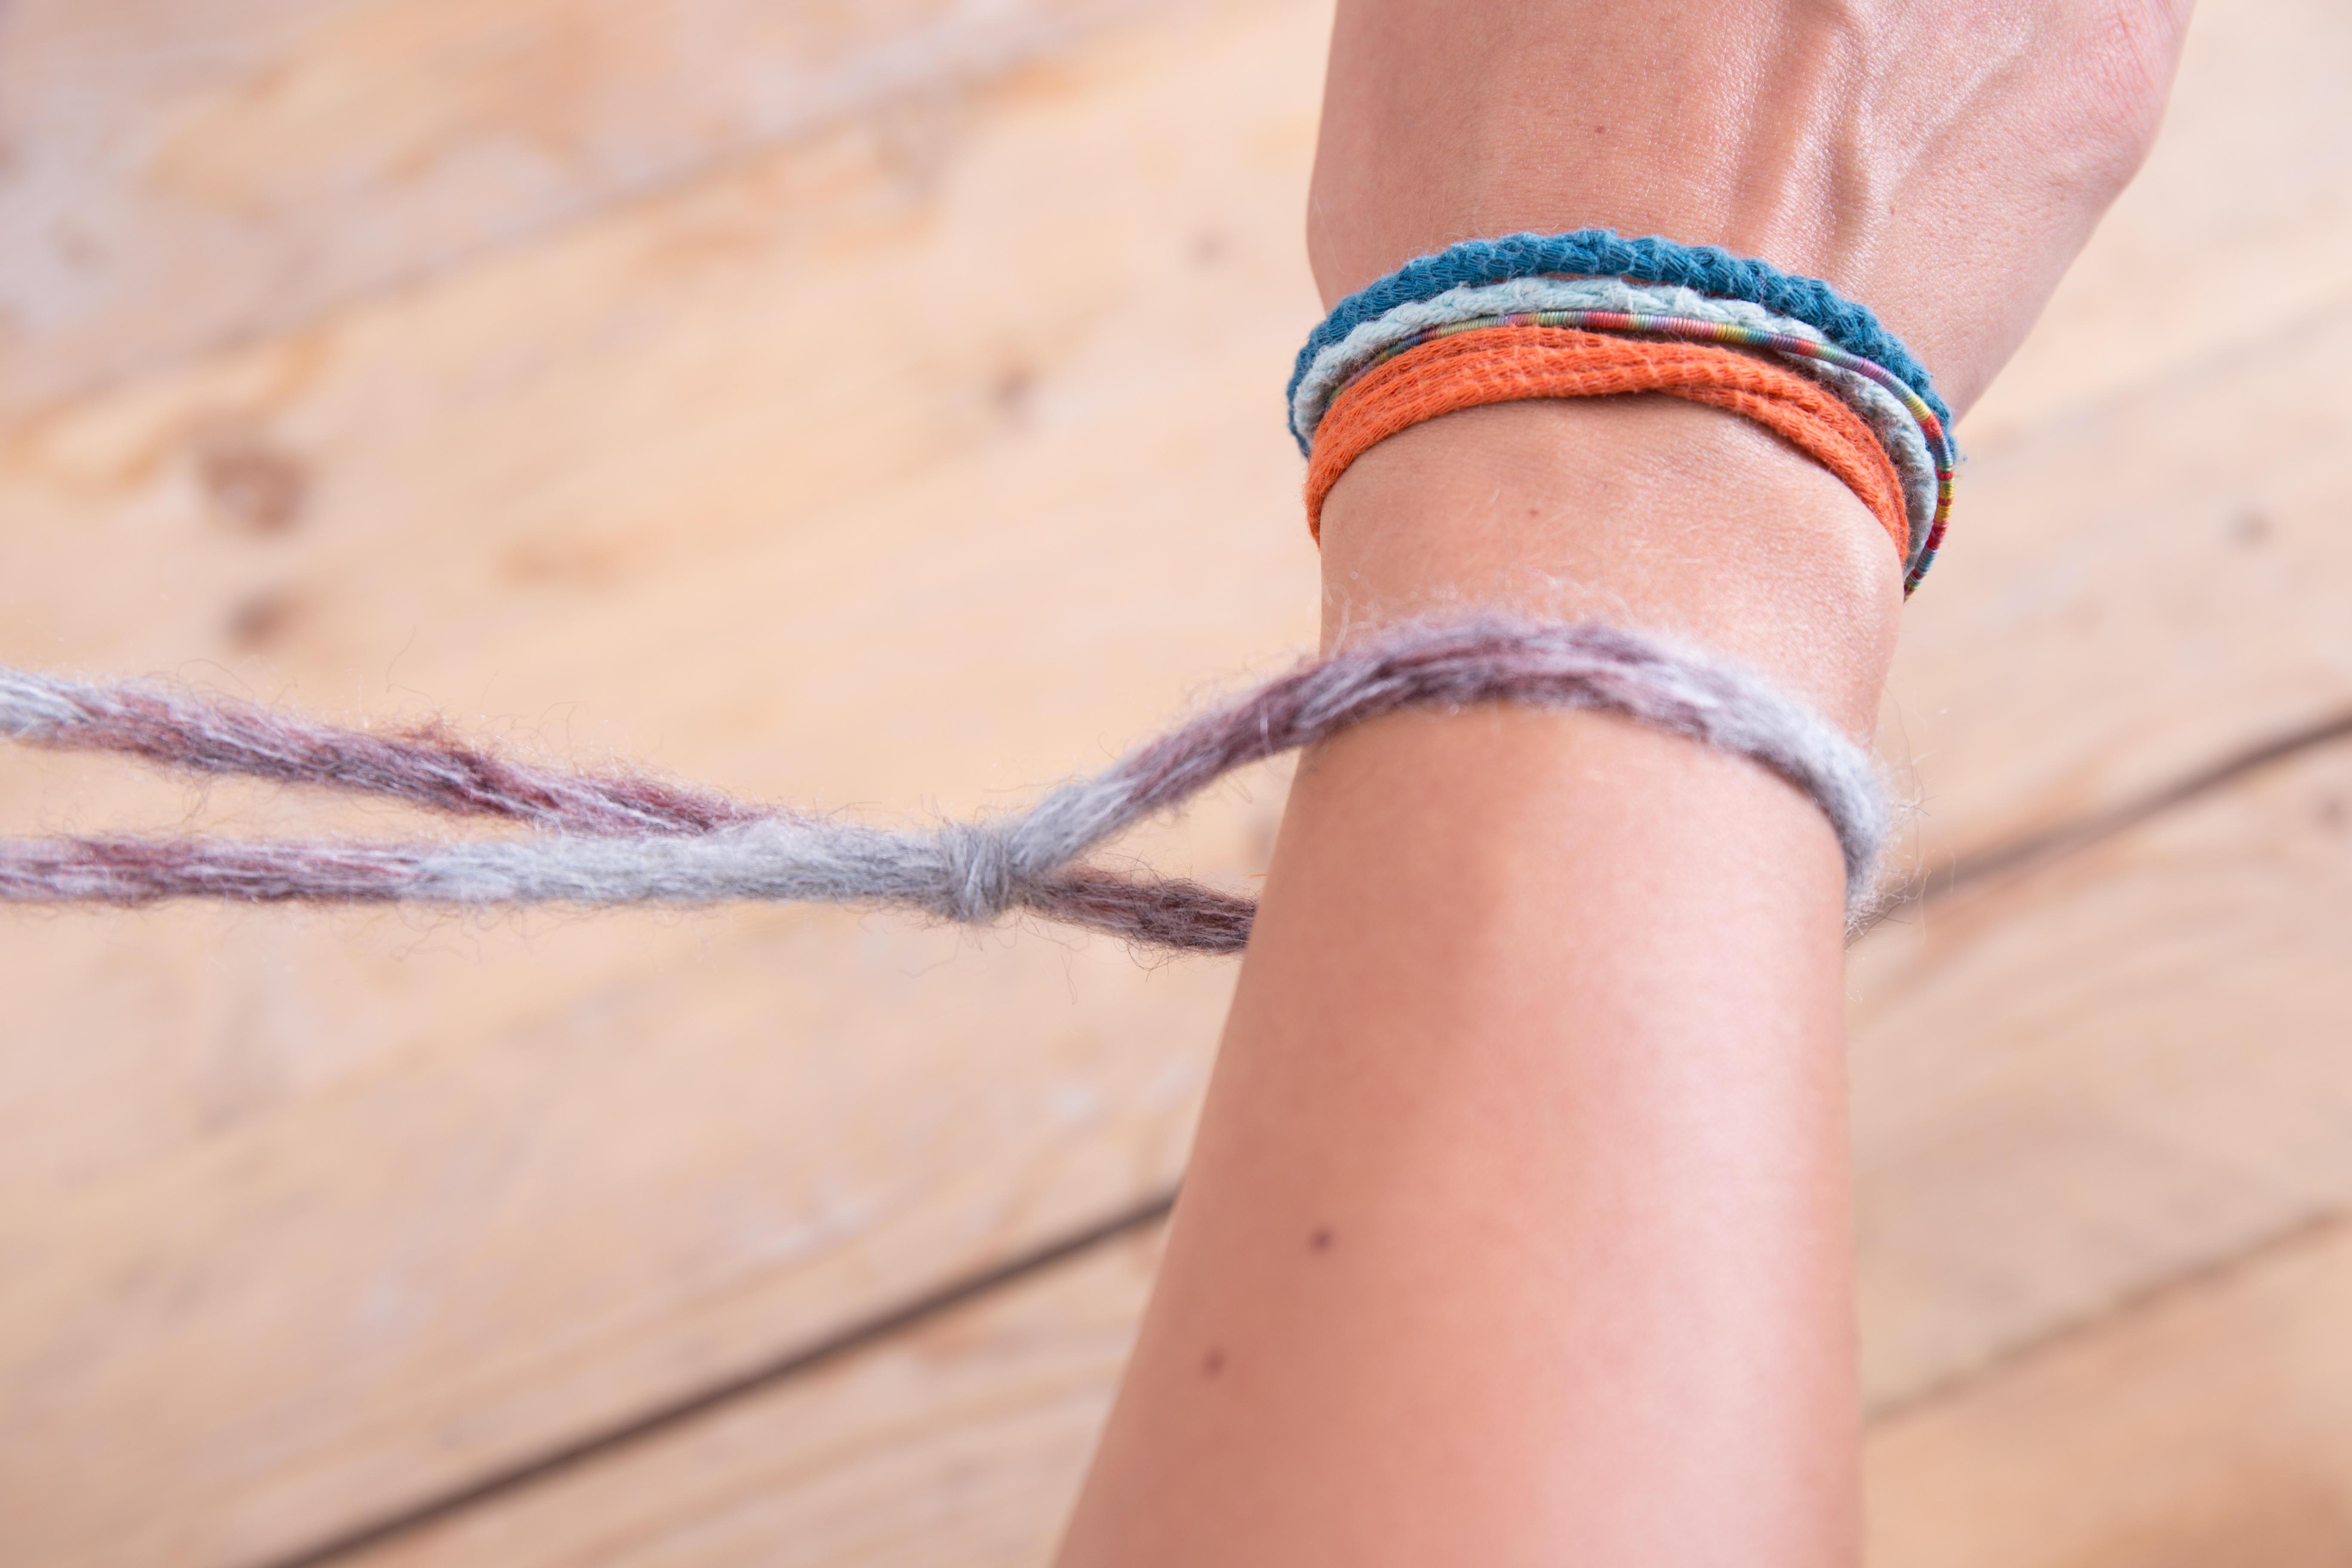 Die Schlaufe kannst du nun um deinen Arm legen. Da sie in der Größe verstellbar ist, ziehe sie nur ein bisschen zu. Sie darf ruhig locker an deinem Arm liegen.  hier kommt nämlich ein wichtiger Aspekt des Strickens: Selbst wenn die Masche zunächst nicht über deinen Handteller passen würde, kann sie direkt vor dem Abstricken leicht gelockert werden, da der Arbeitsfaden direkt mit ihr verbunden ist.